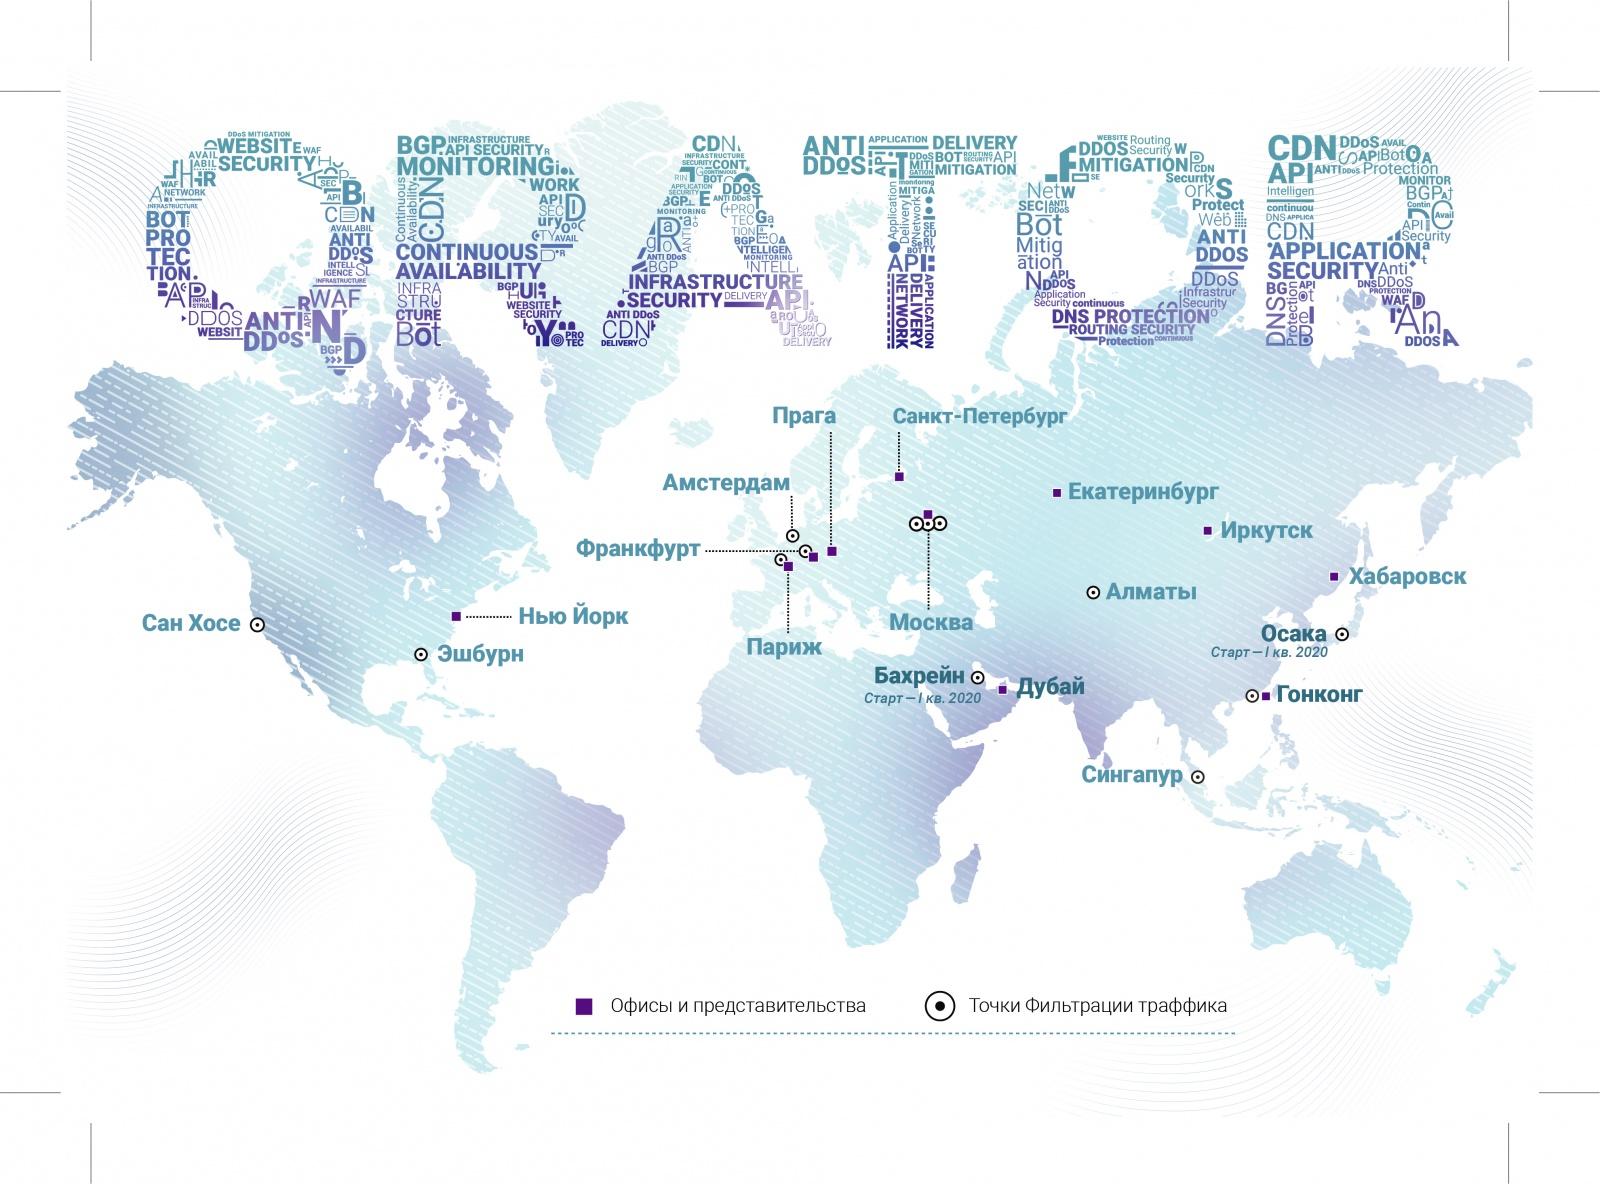 Ежегодный отчет Qrator Labs о сетевой безопасности и доступности - 12